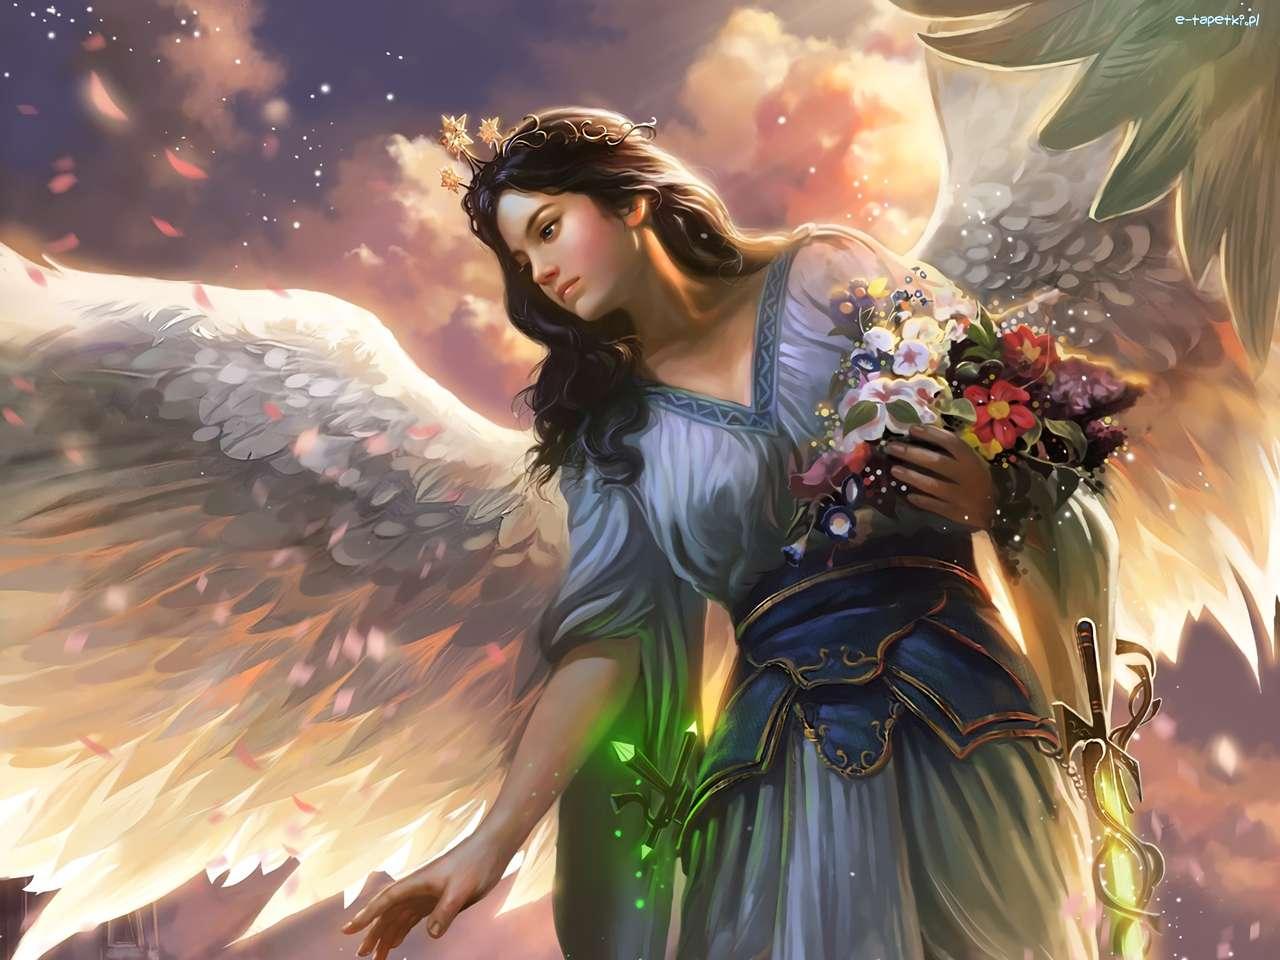 Grafica - un angelo donna con fiori